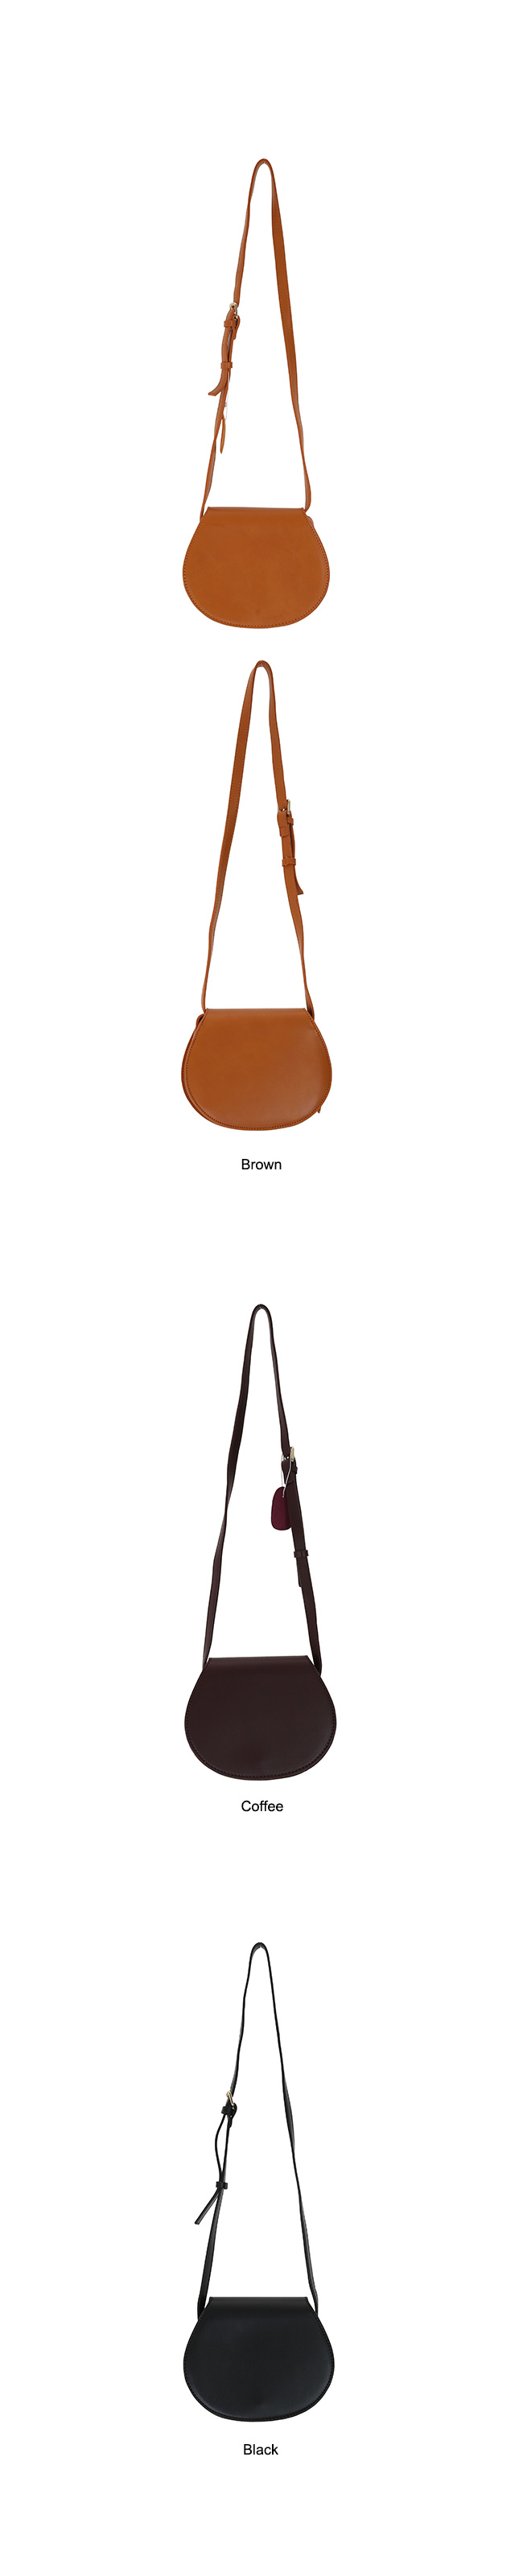 Half-circle cross bag